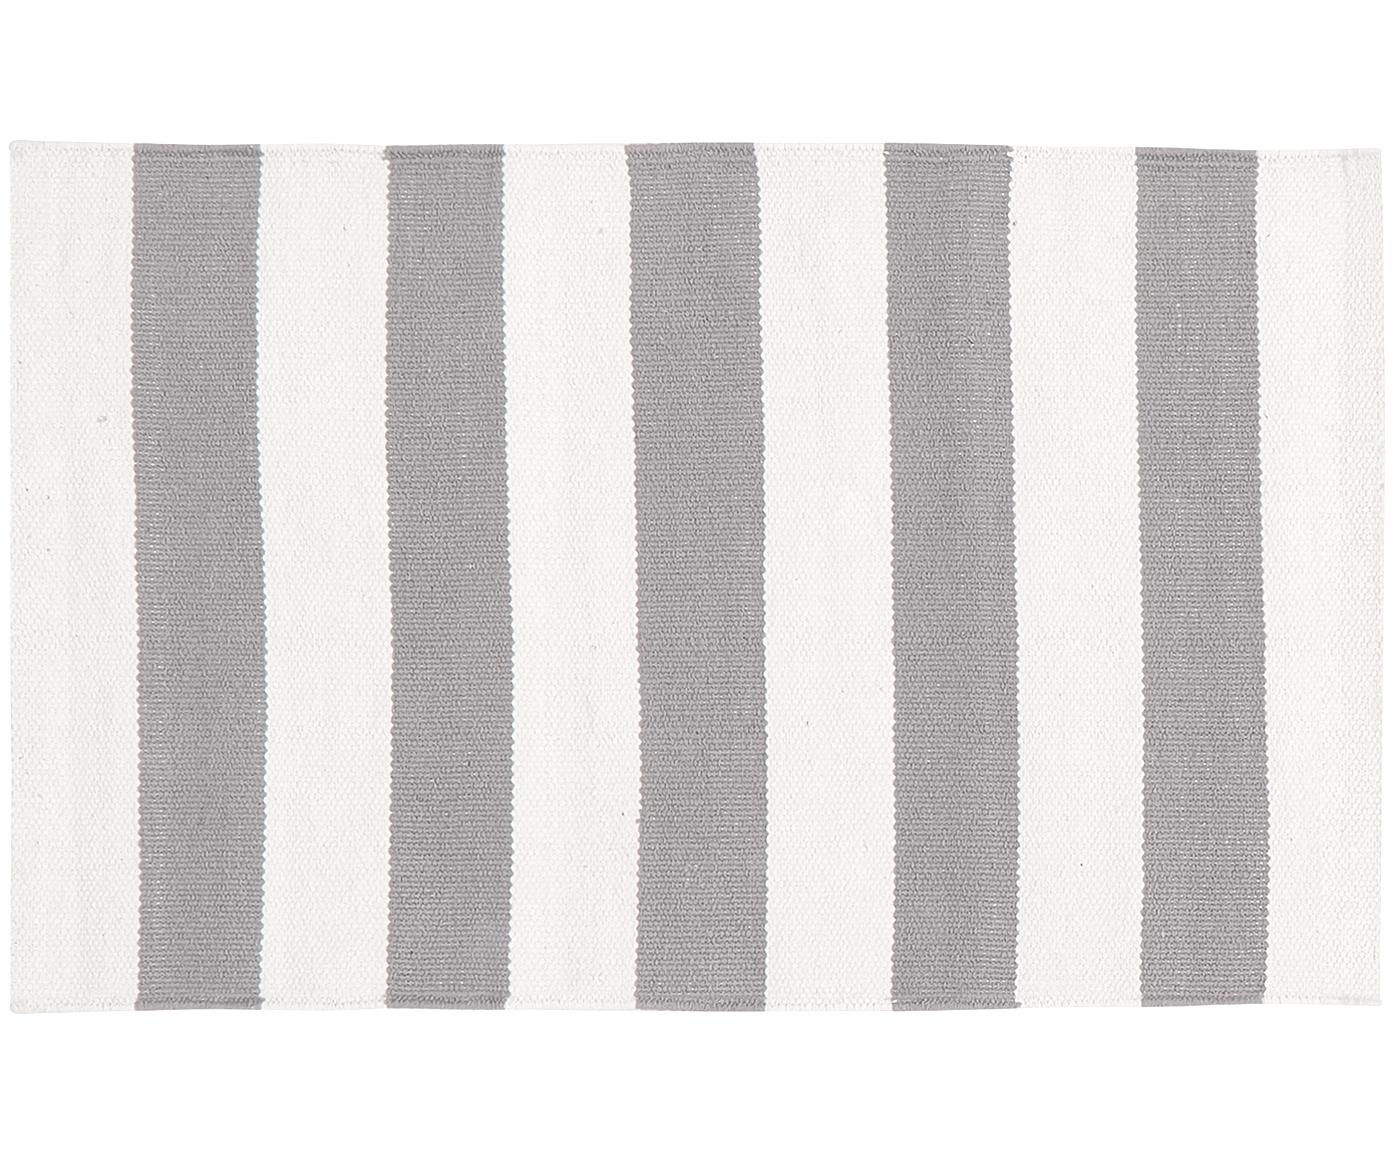 Gestreifter Baumwollteppich Blocker in Grau/Weiß, handgewebt, 100% Baumwolle, Cremeweiß/Hellgrau, B 50 x L 80 cm (Größe XXS)